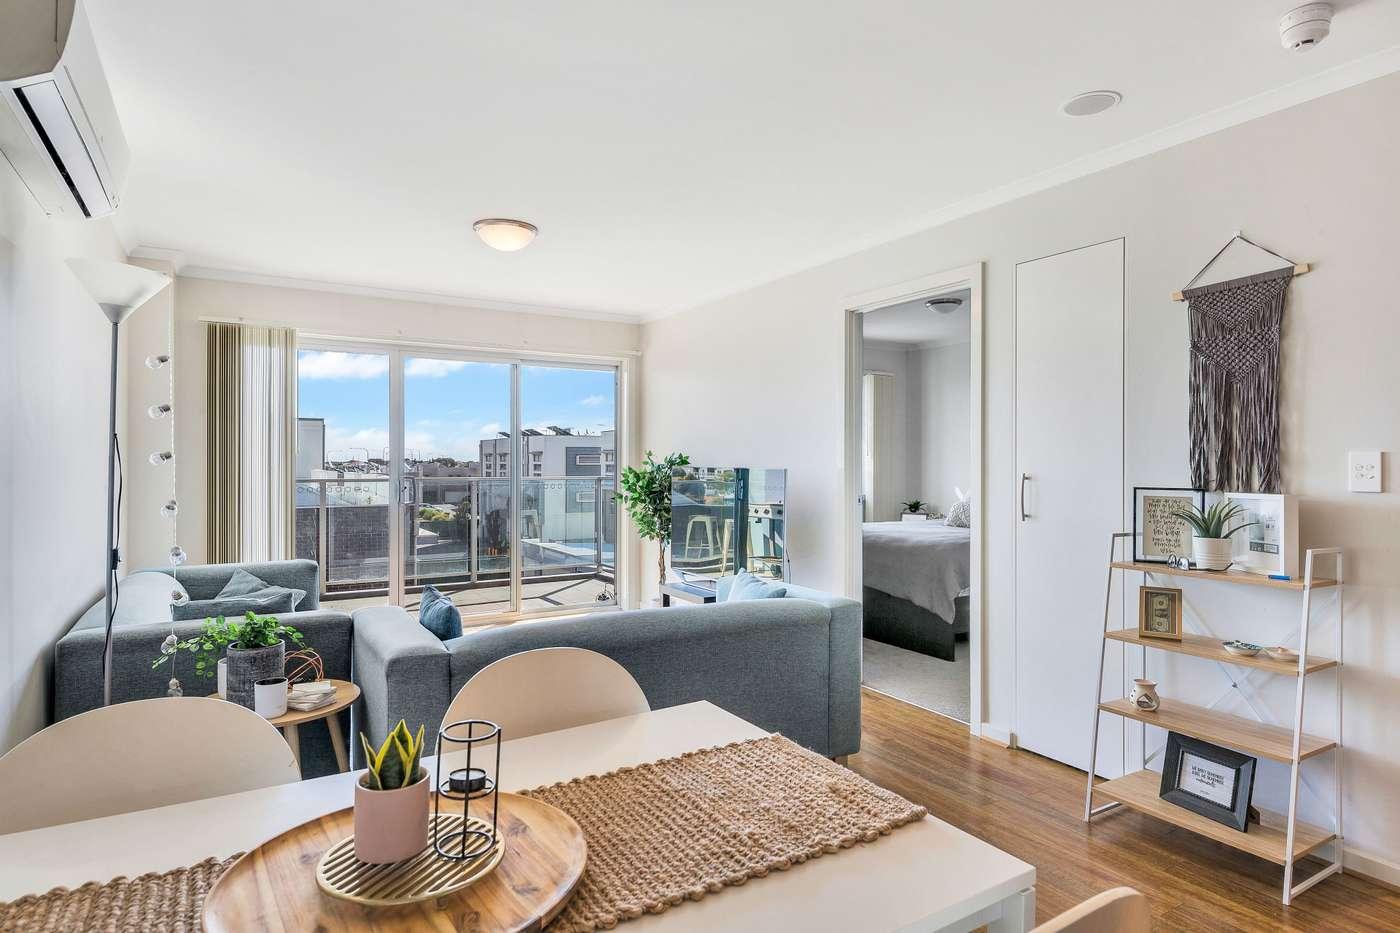 Main view of Homely apartment listing, 27/51 Victoria Parade, Mawson Lakes, SA 5095